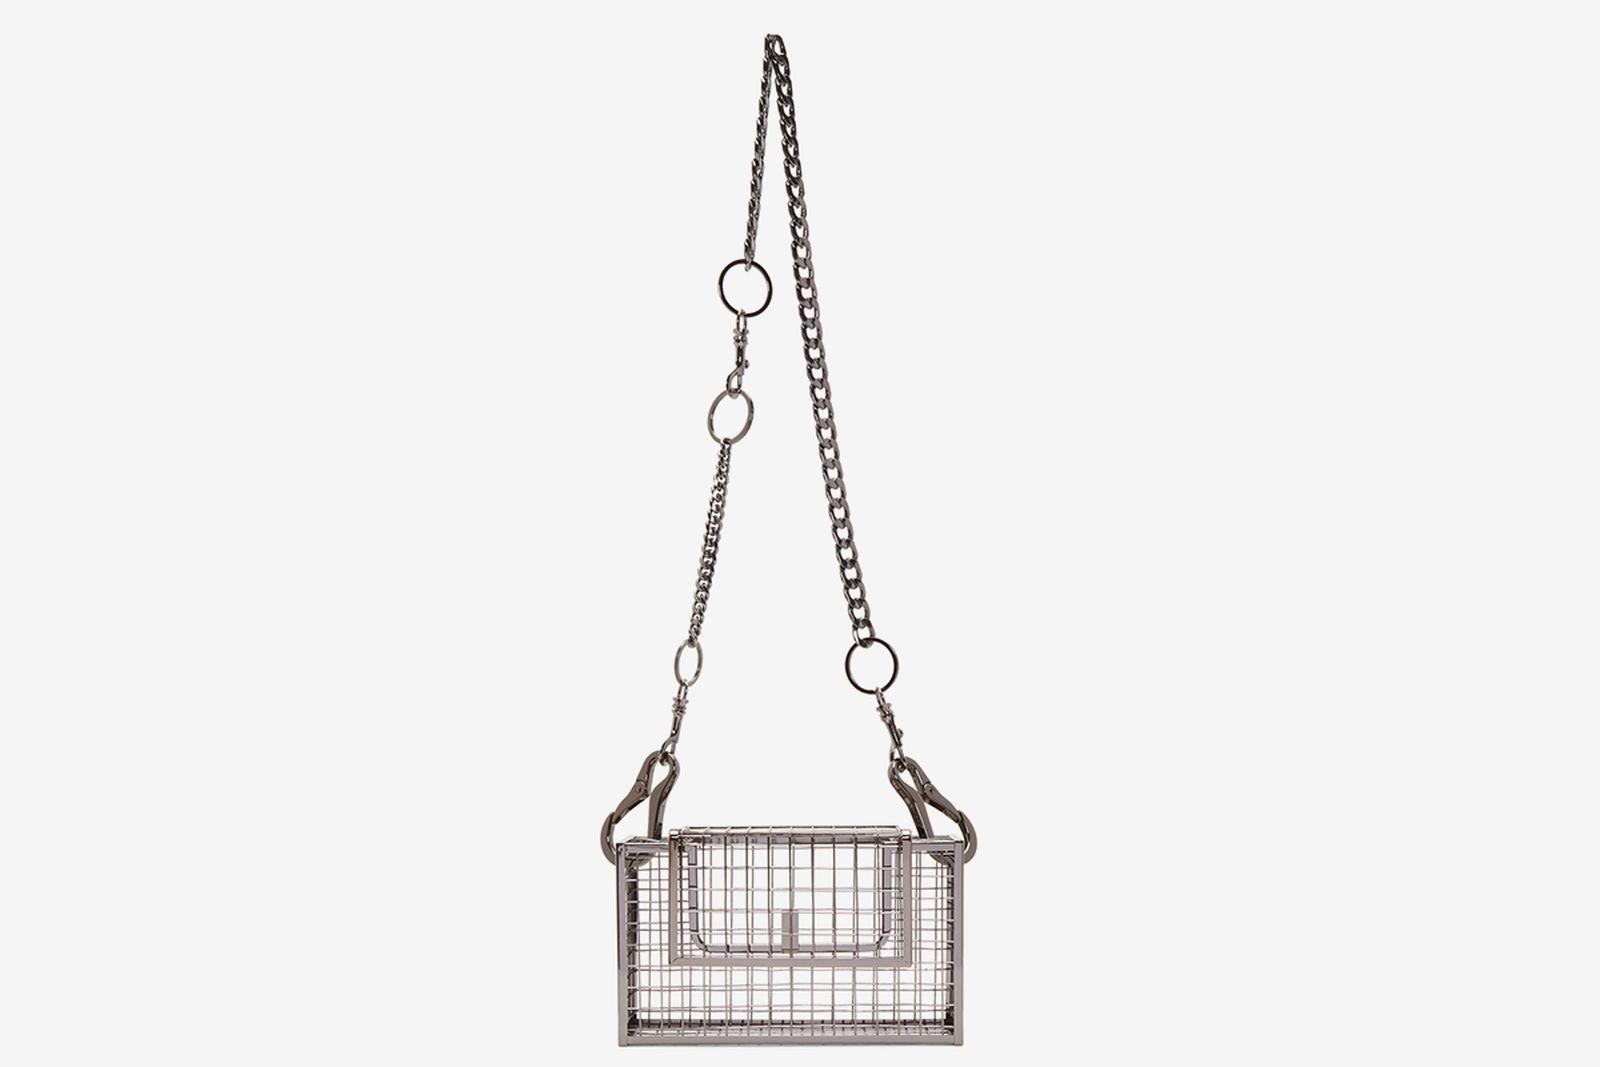 martine ali cage bag 002 ssense